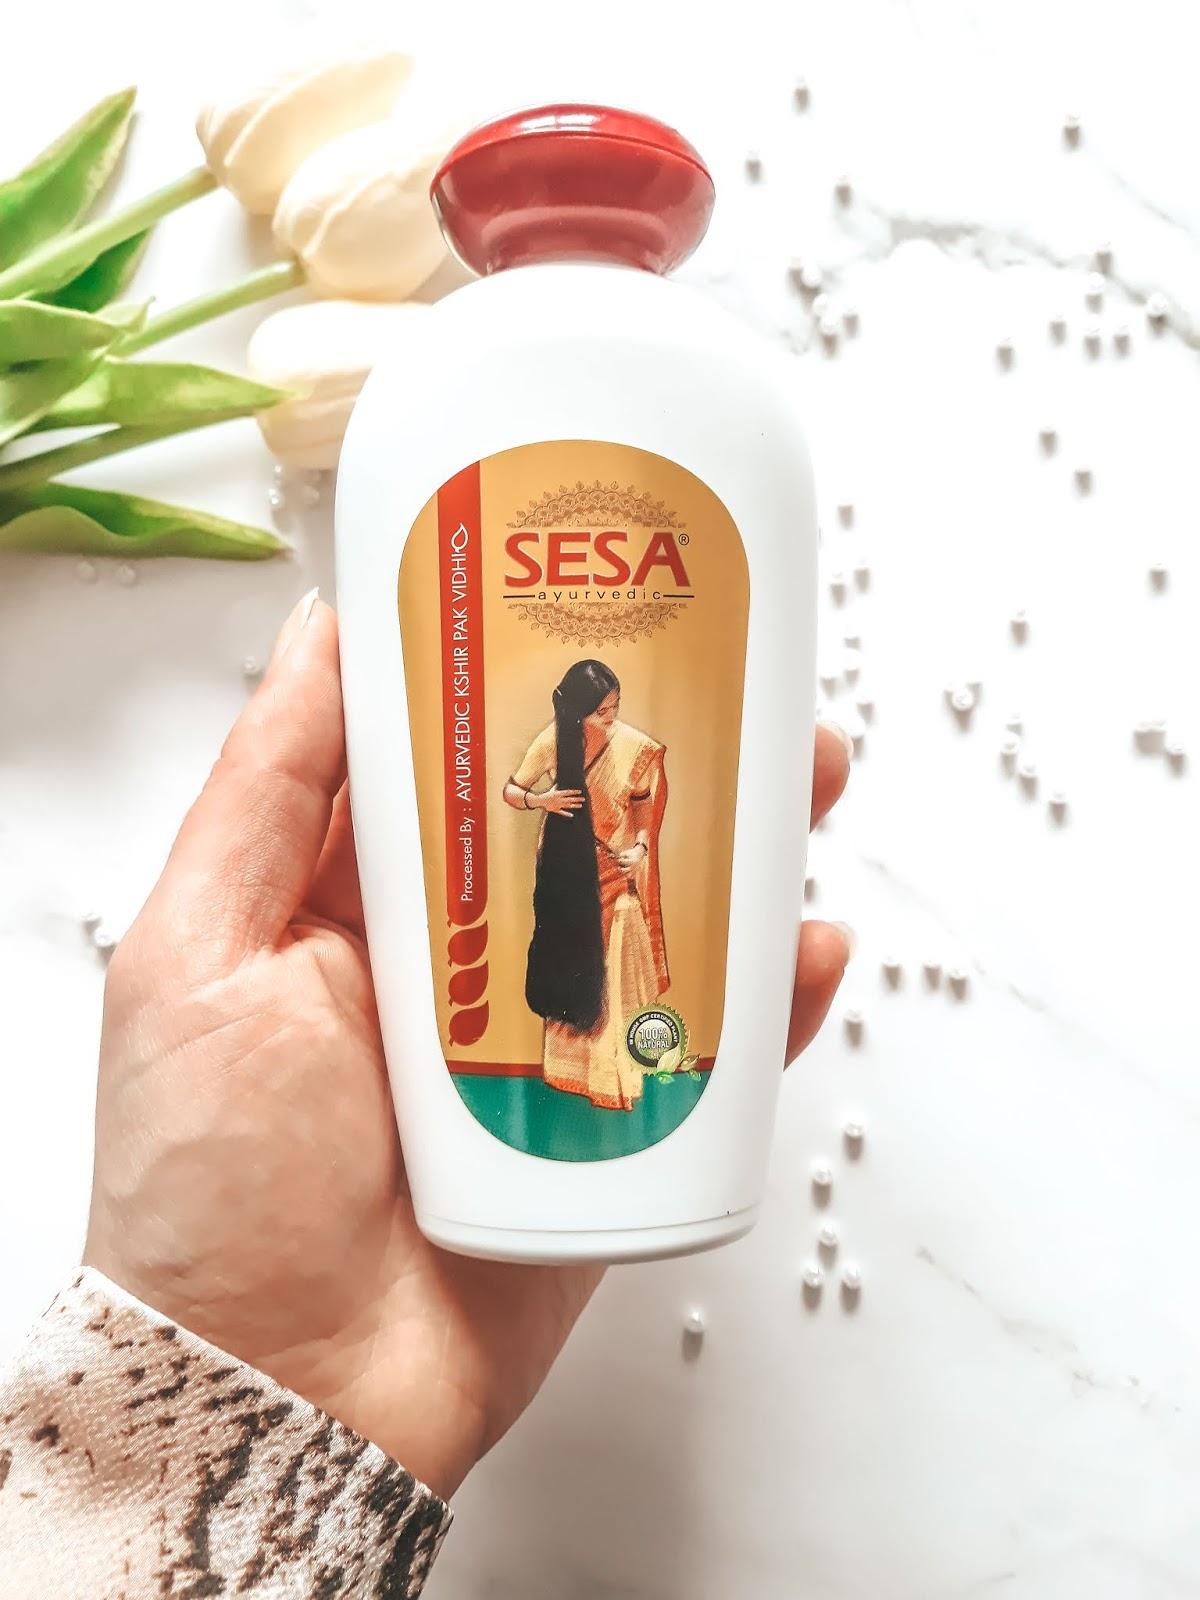 Olejek Sesa a wpływ na długość włosów